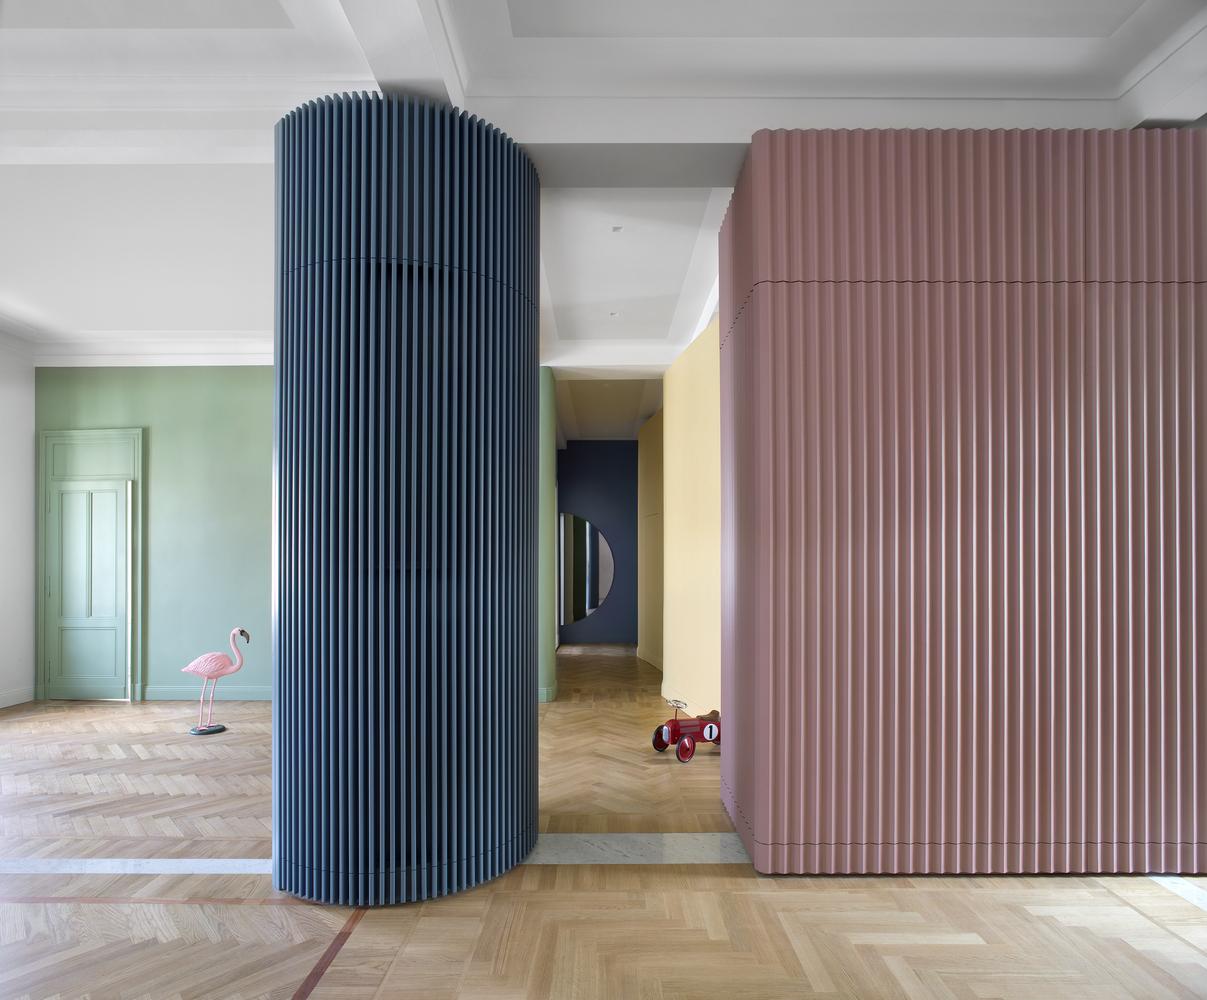 Tendencias en Diseño de Interiores 2020: Biofilia, Chubby y Fluidez,Theater House / Bodà Architetti © Barbara Corsico Photograpy